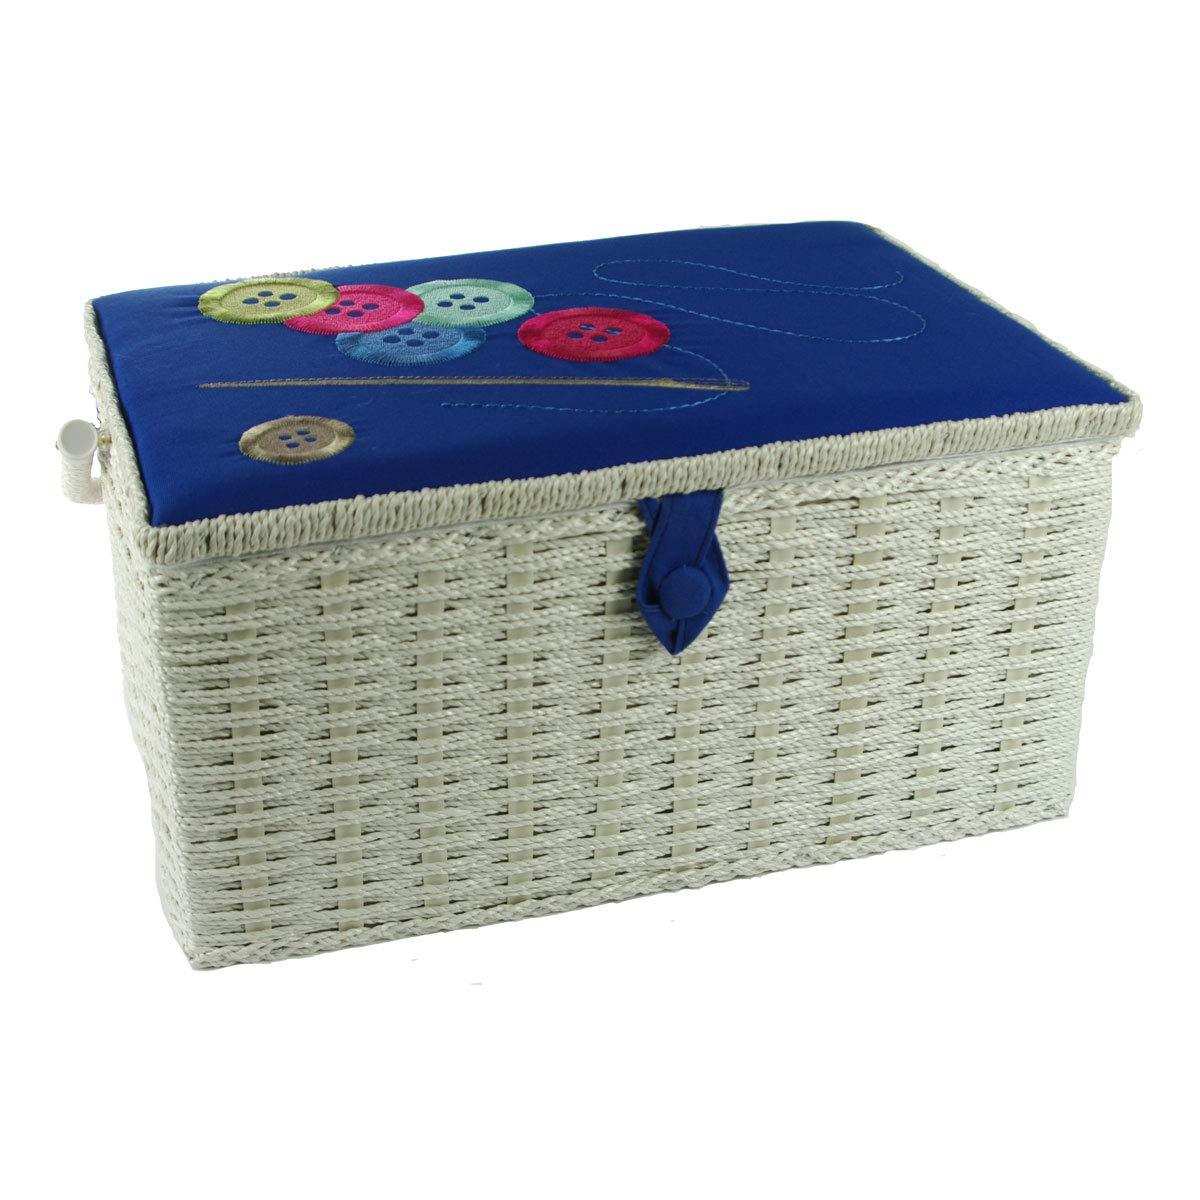 Botones De Hilo De Aguja Azul Bordado Gran Caja De Costura Sewing Online FL-012: Amazon.es: Hogar